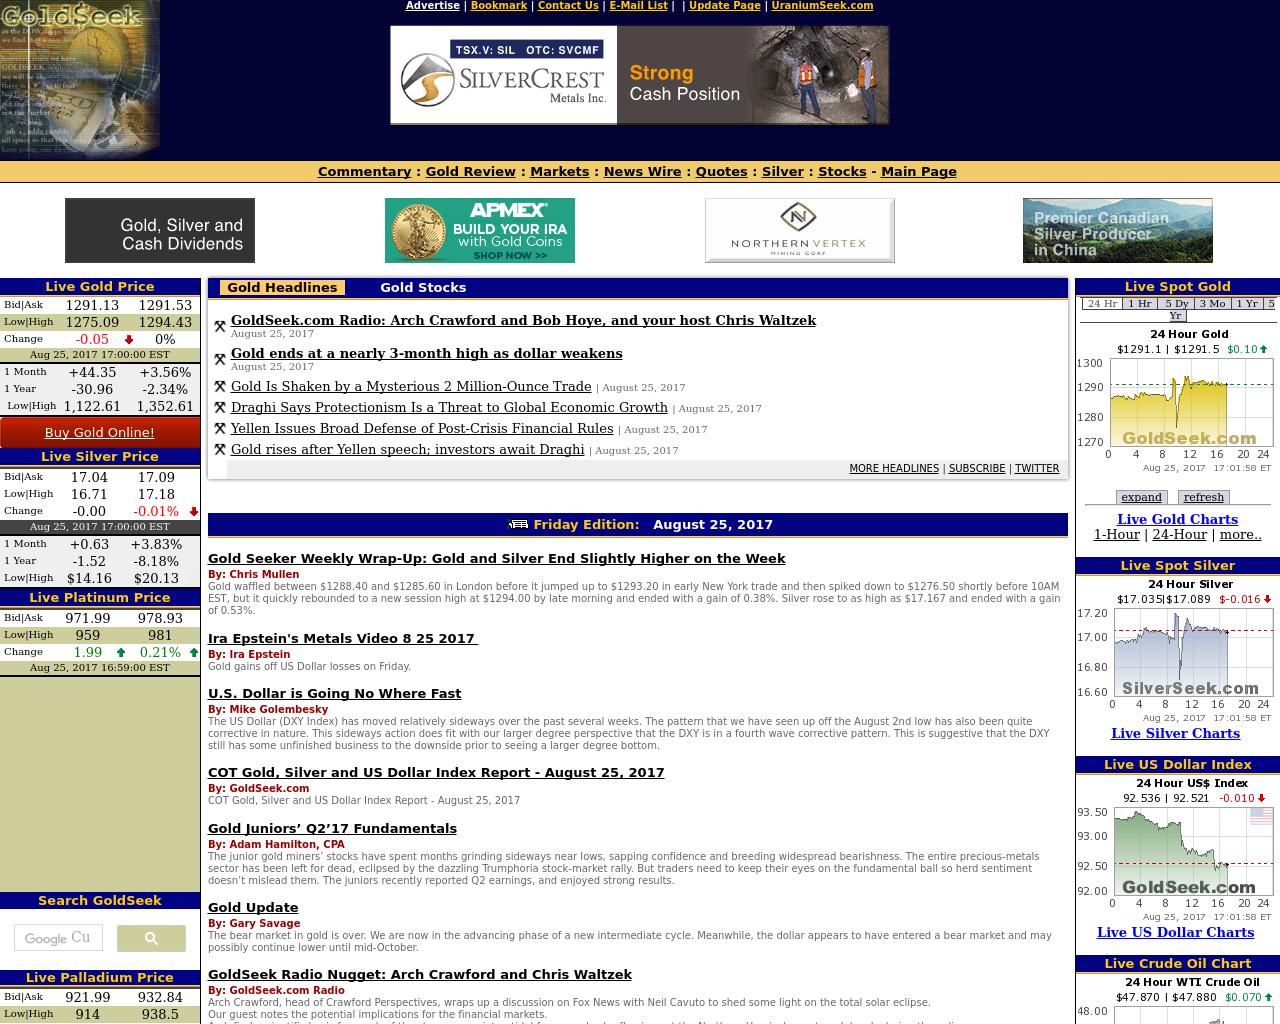 GoldSeek-Advertising-Reviews-Pricing